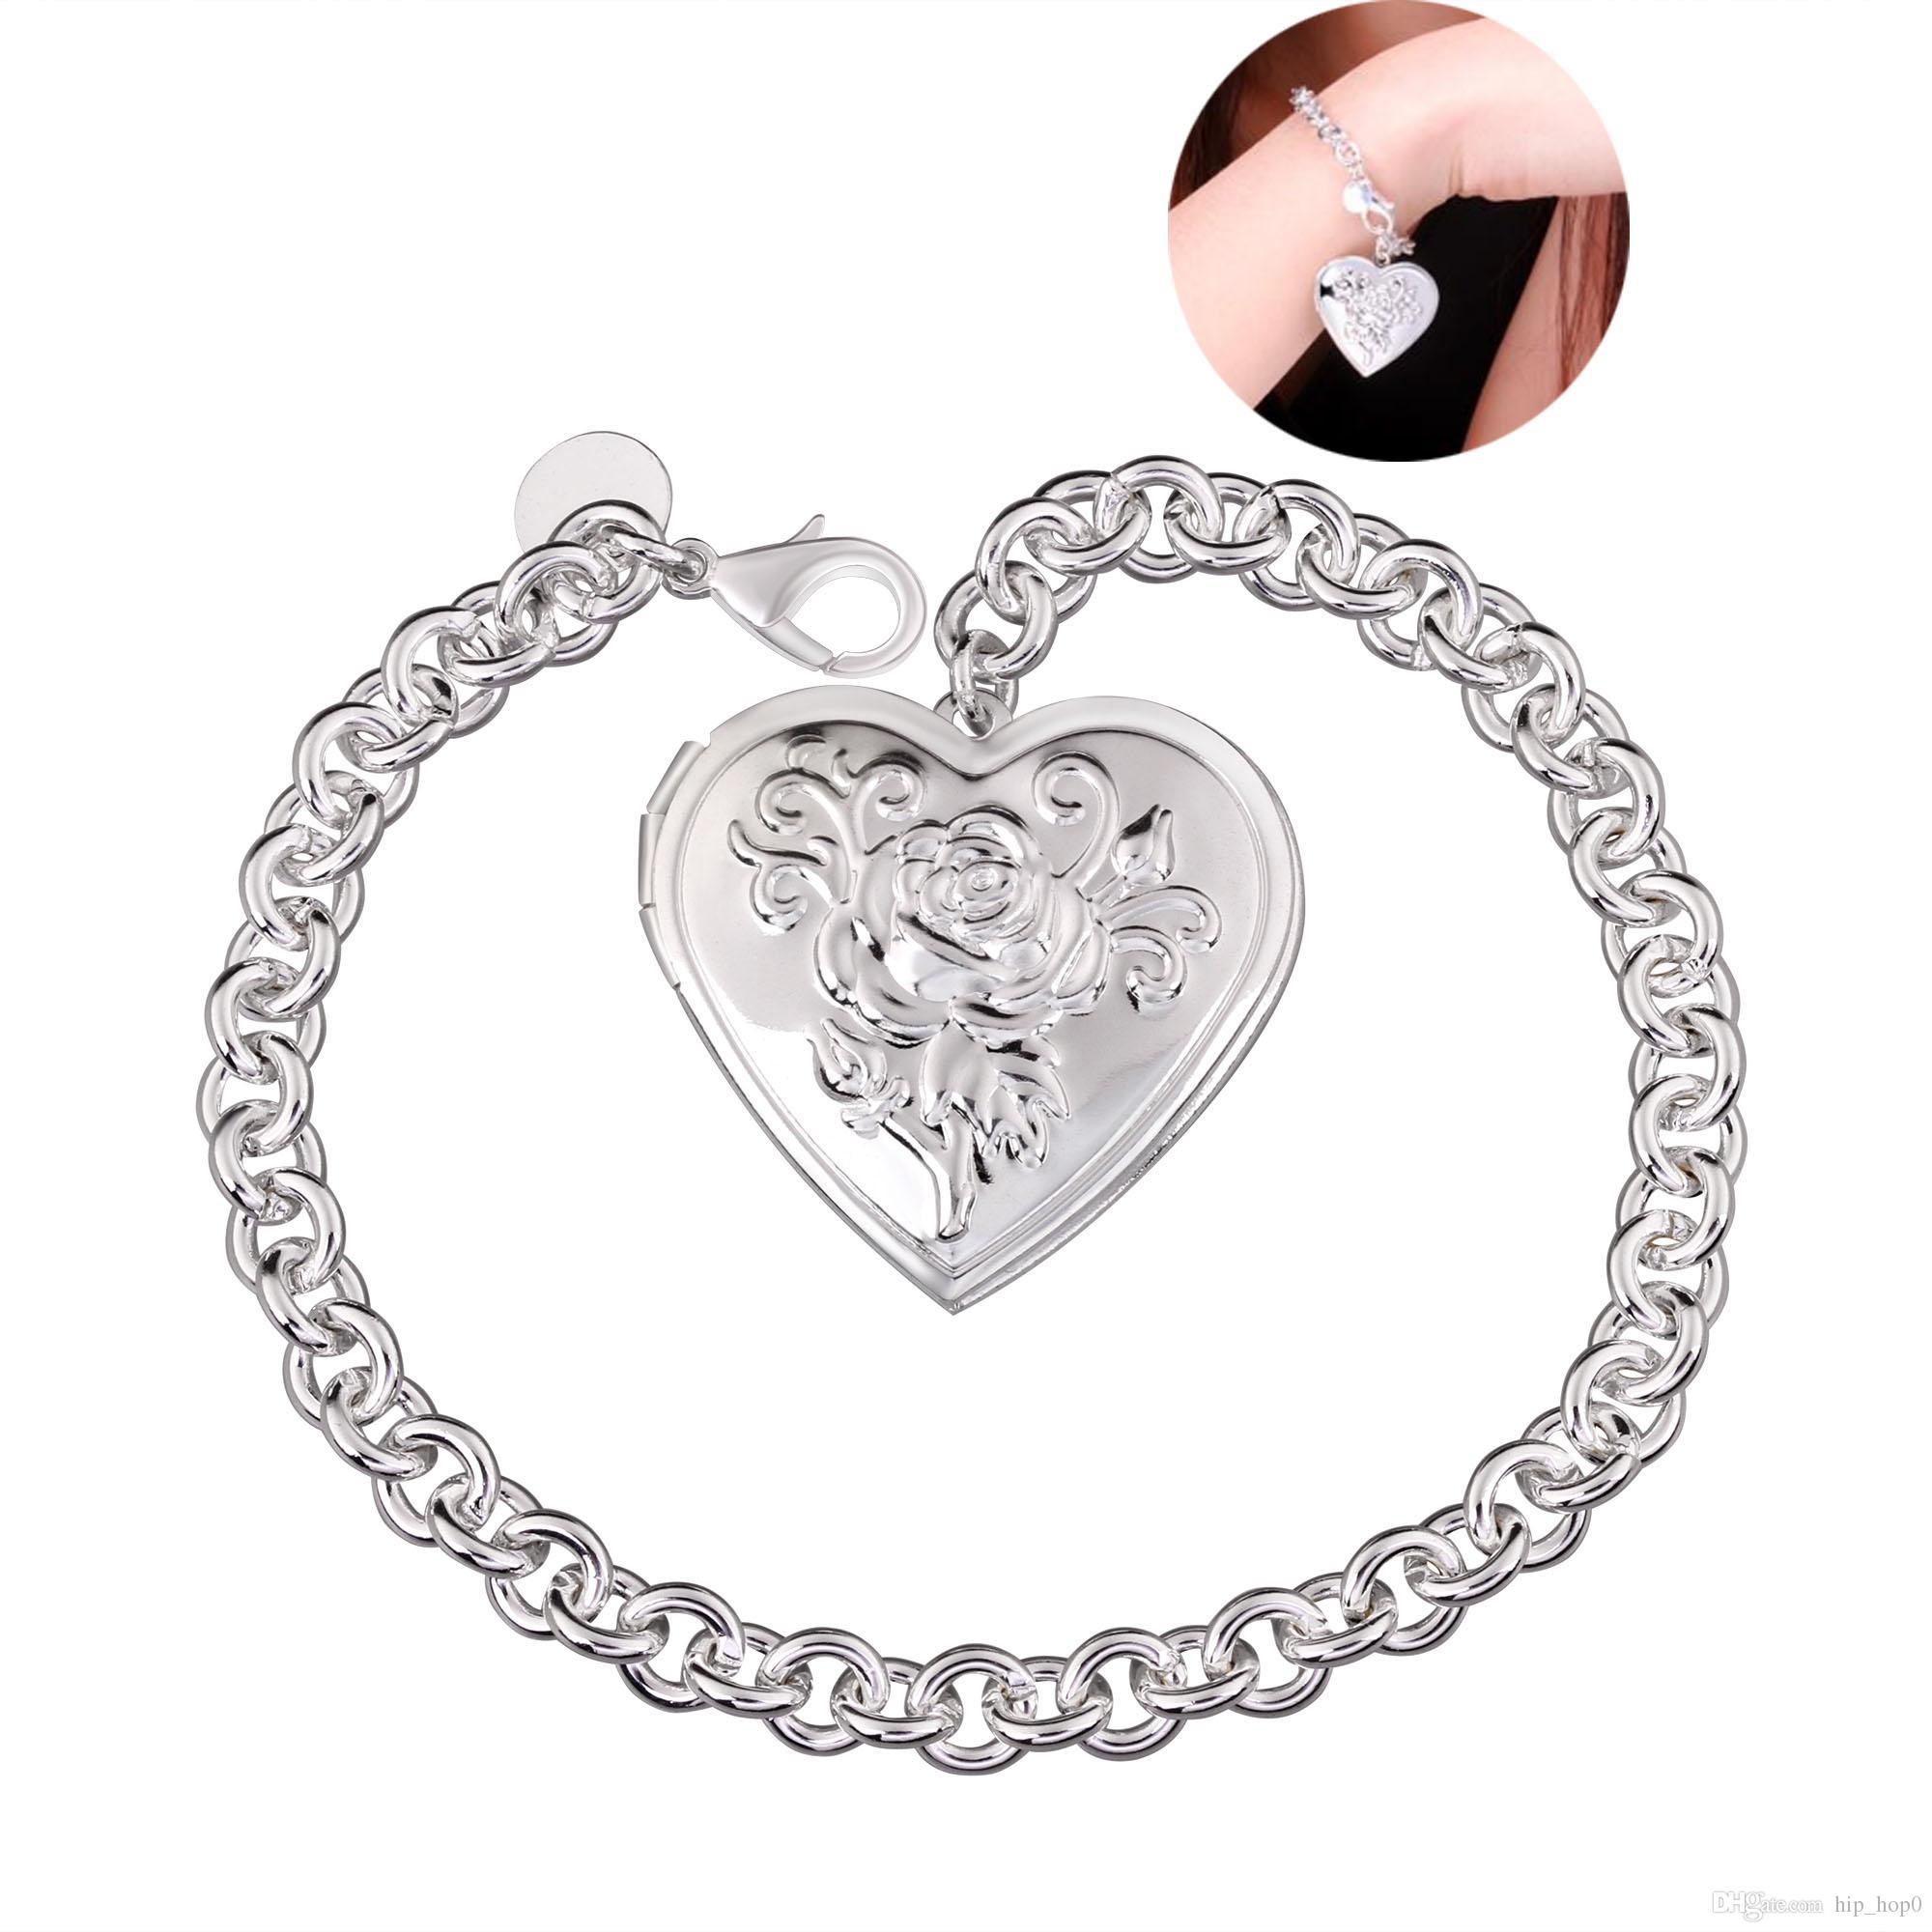 Locket Pendant Heart Pattern Charms Bracelet 925 Sterling Silver